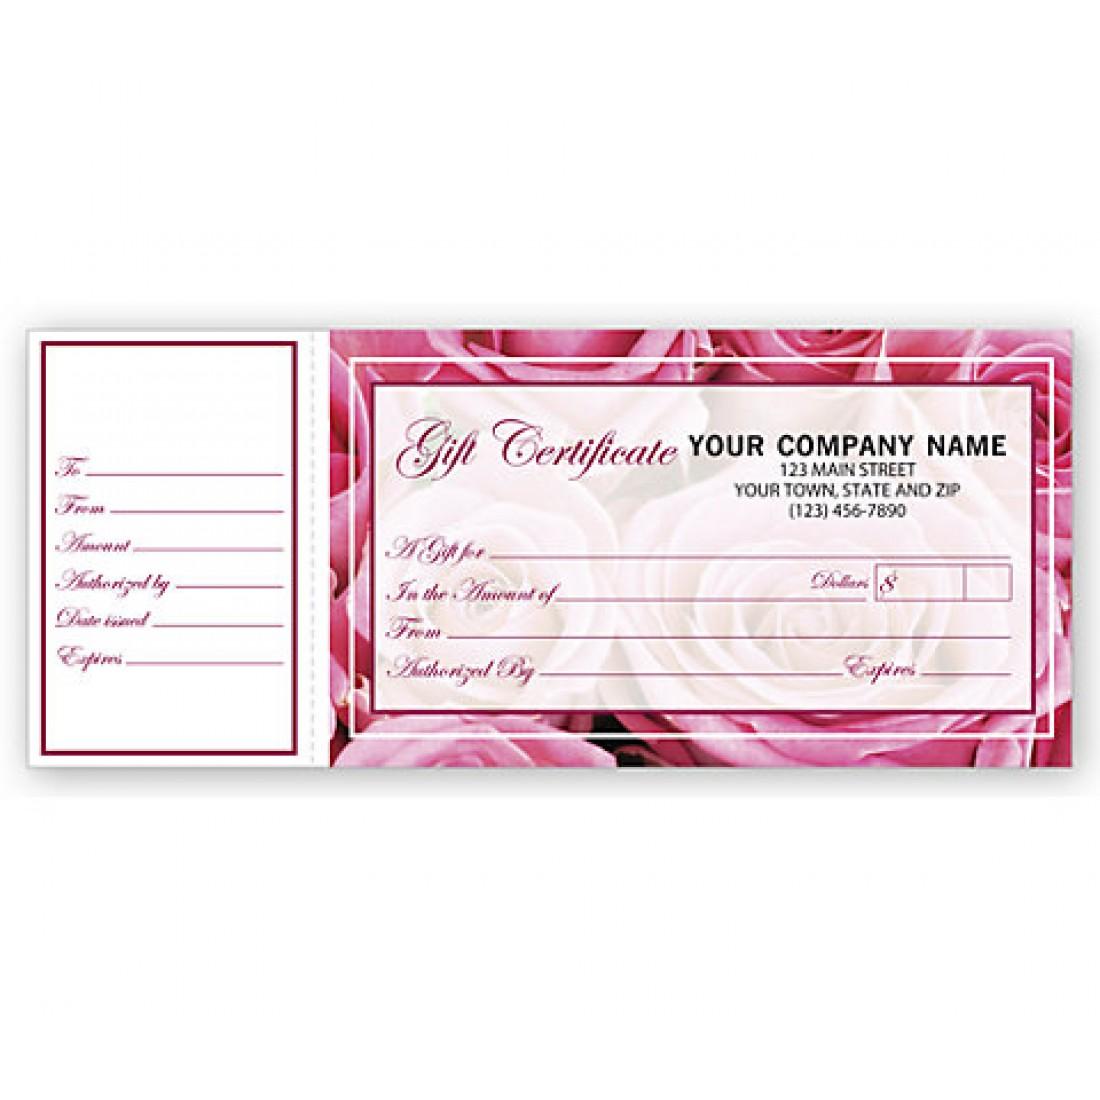 Gift Certificates, Rose Motif